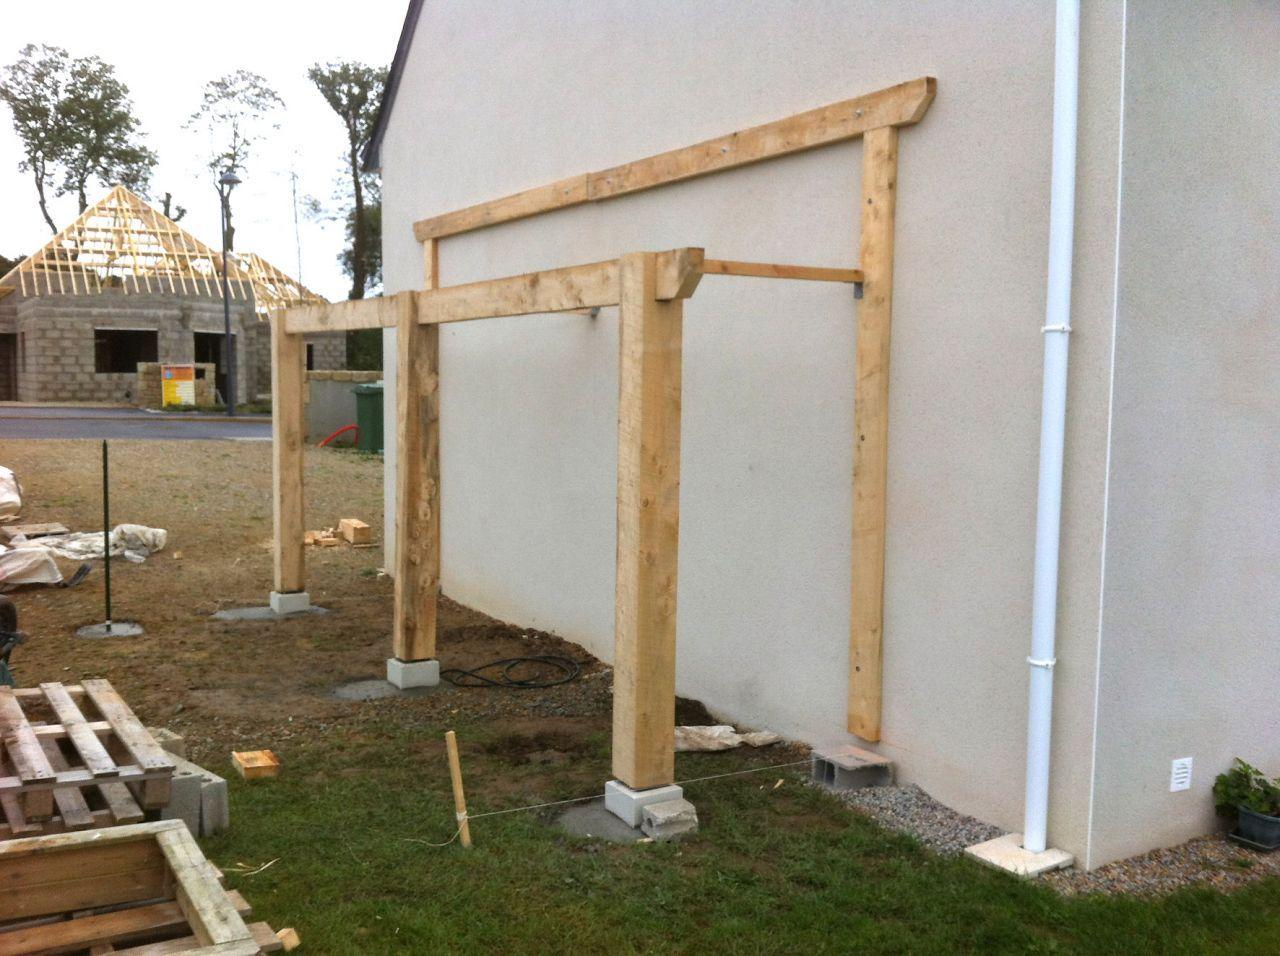 Bonjour Je Me Suis Lance La Semaine Derniere Dans La Construction Dun Abri Bois Il Est Adosse A Un Mur De La Ma En 2020 Abri Bois Abri De Jardin Bois